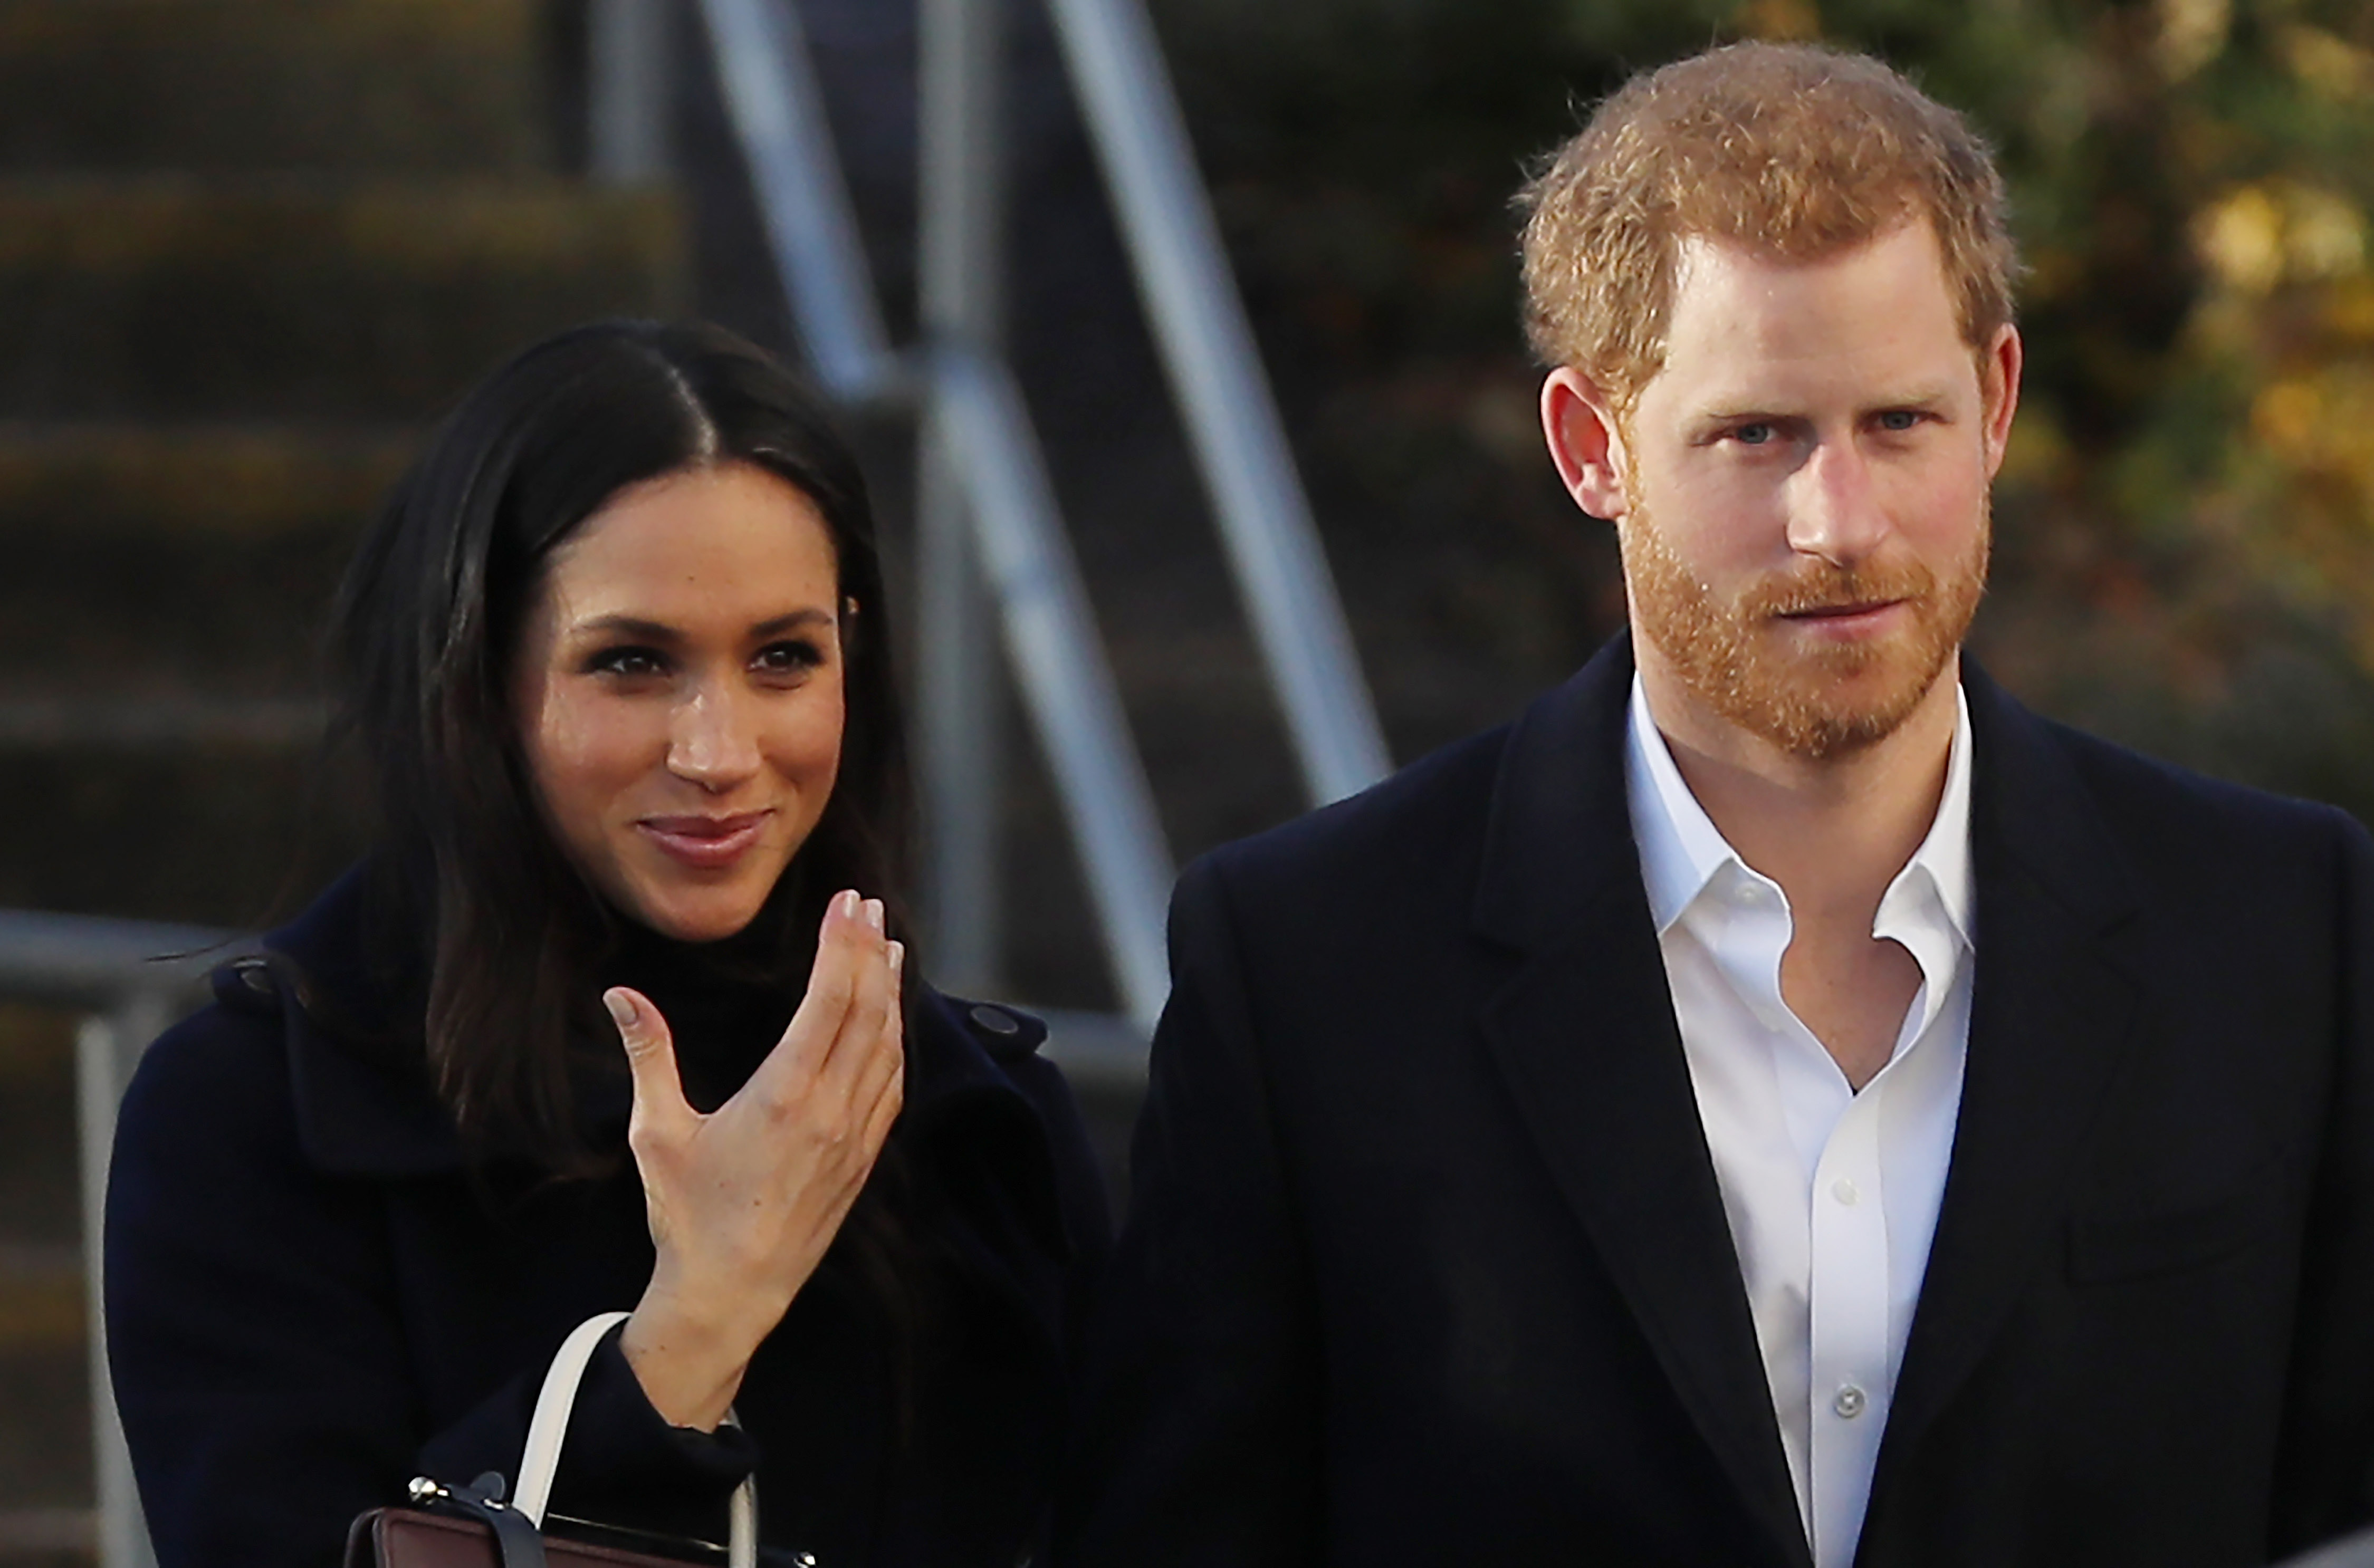 Integrante da Família Real se desculpa após usar acessório racista em almoço com Meghan Markle